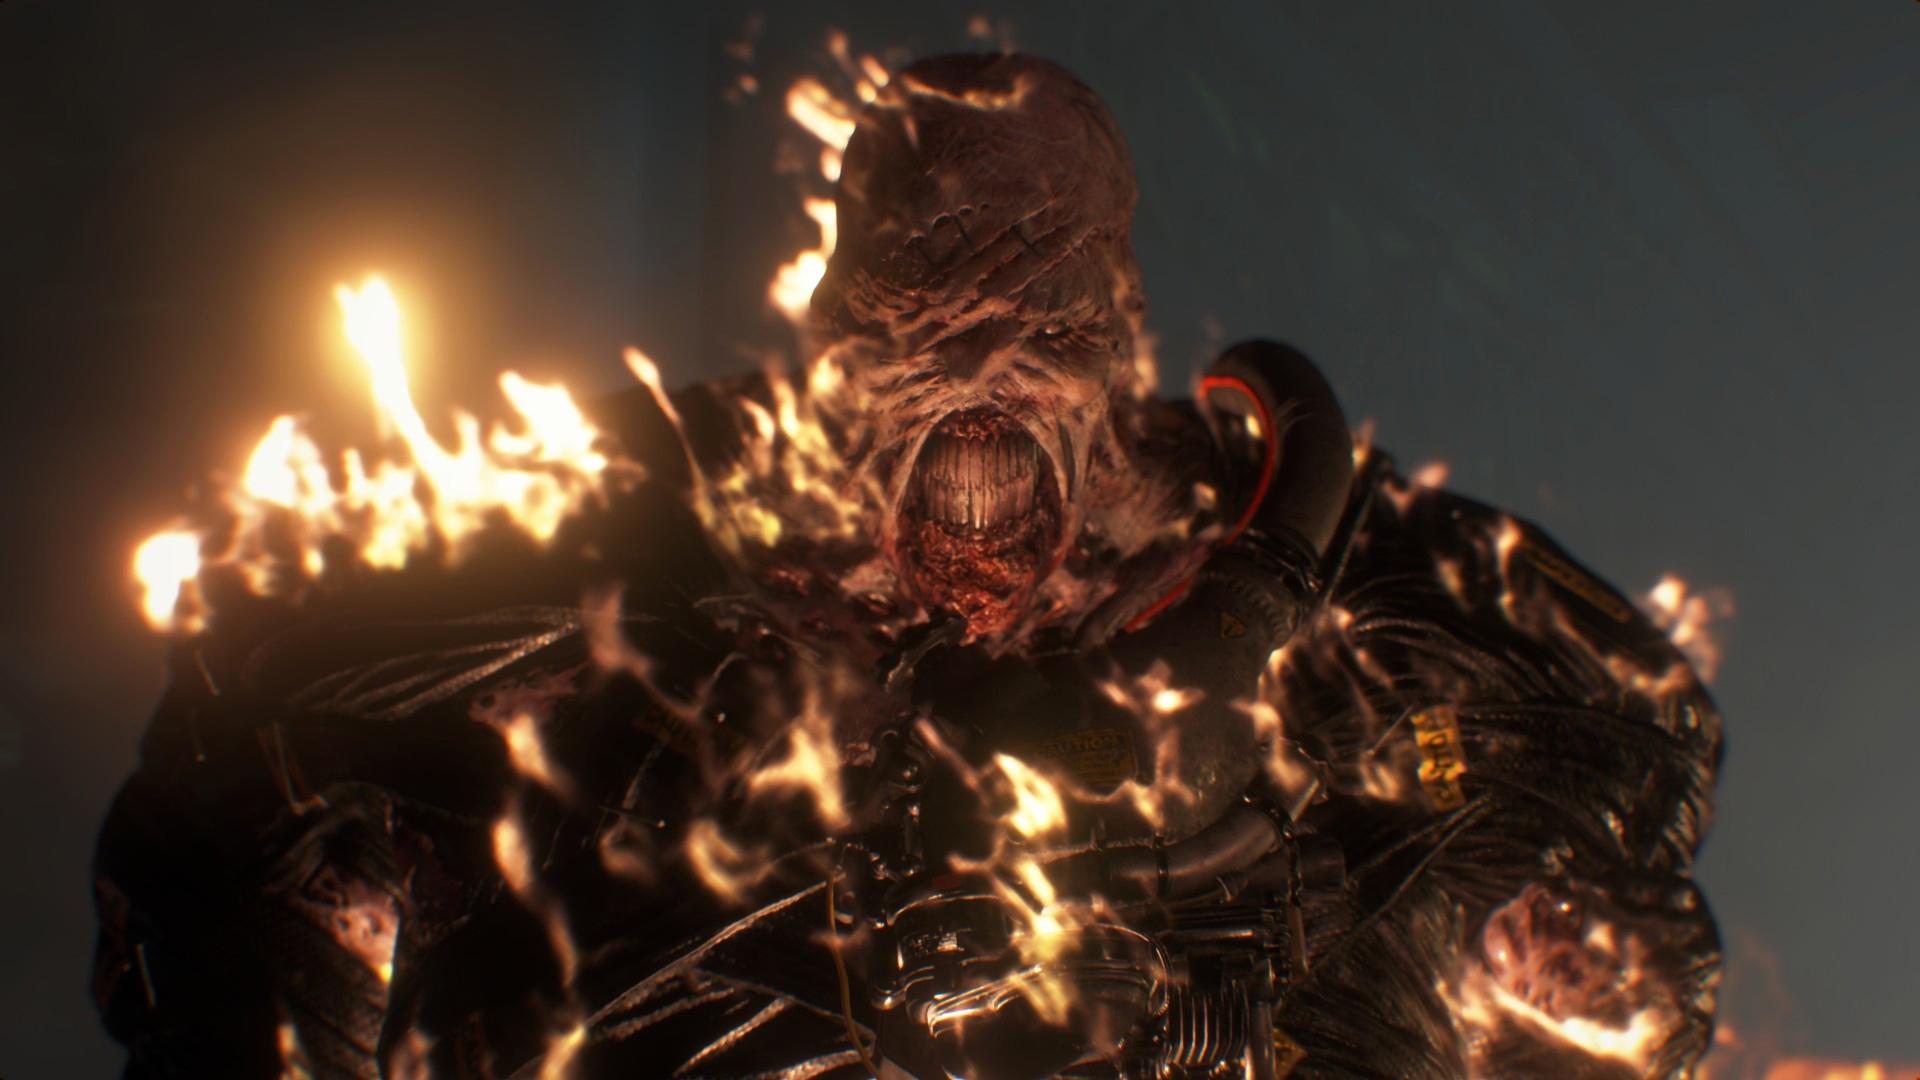 RE3 Nemesis, Resident Evil 3 Remake